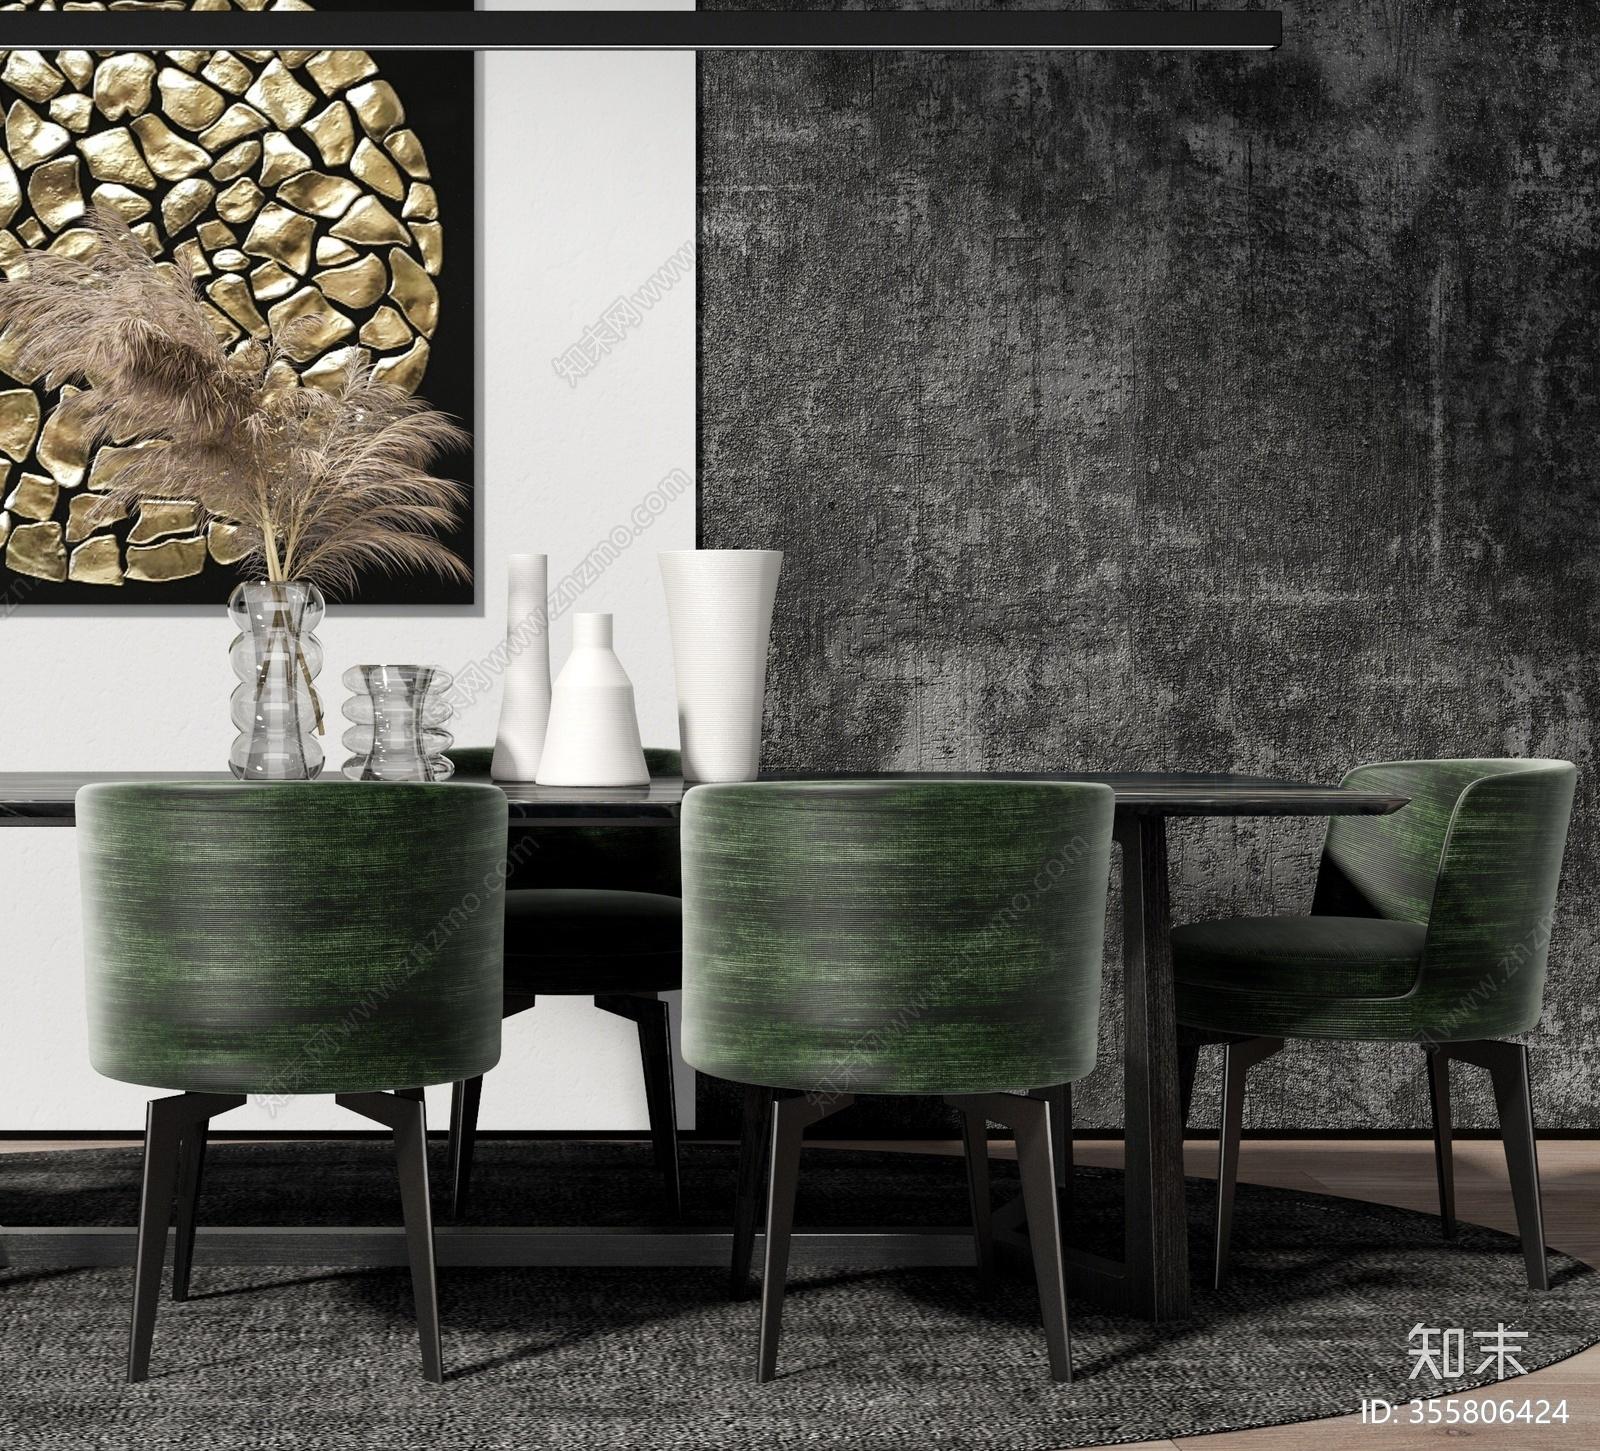 现代餐厅餐座椅组合3D模型下载【ID:355806424】